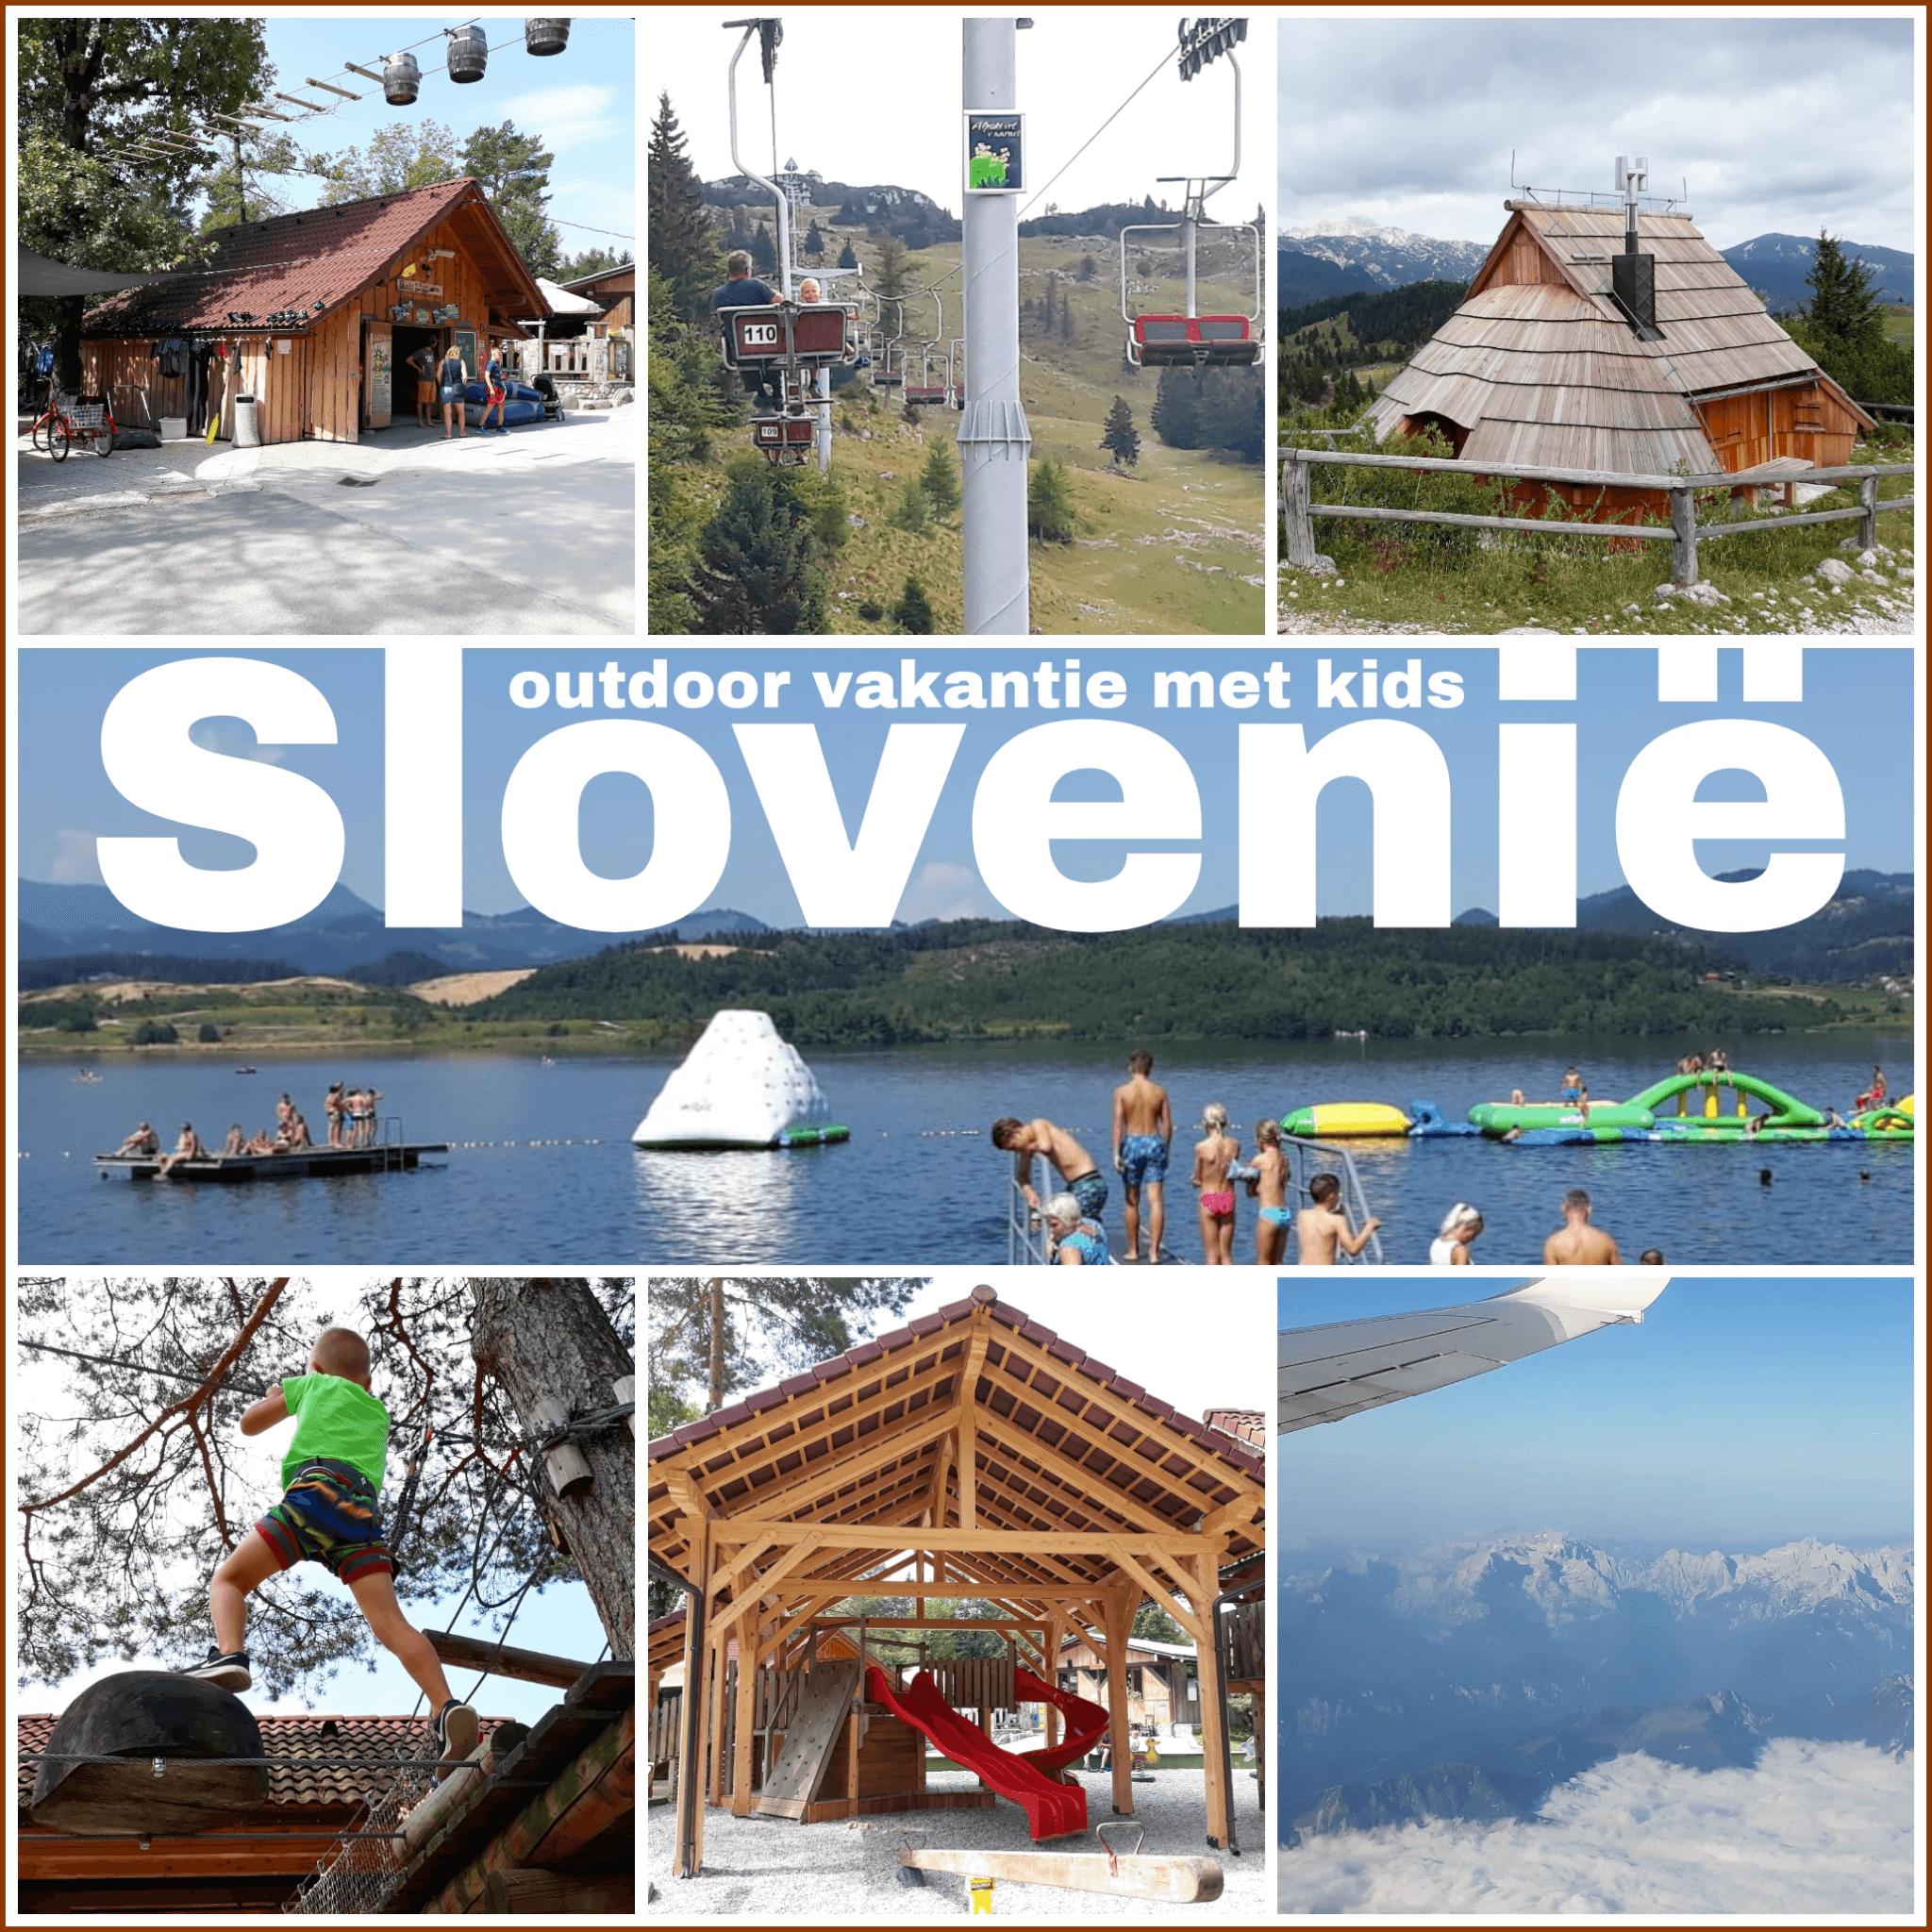 Vakantie in Slovenië met kids, Outdoor Paradijs! #leukmetkids #camping #Slovenia #outdoor #kids #kinderen #vakantie